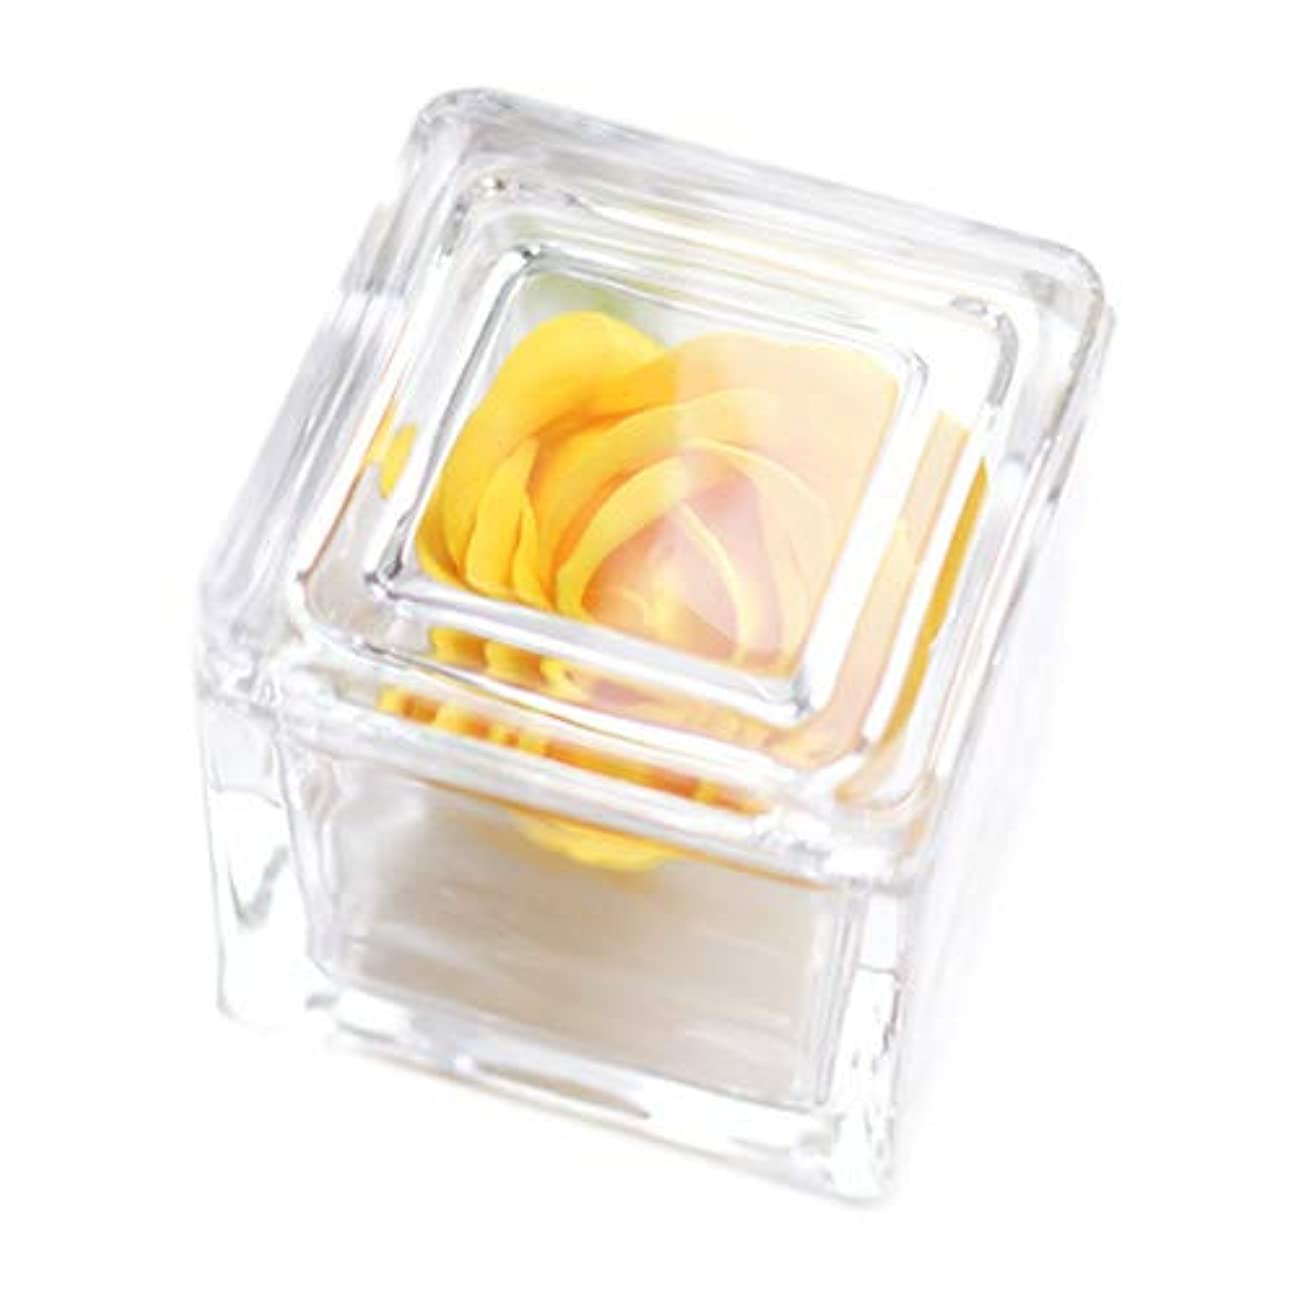 Dear Bouquet ソープフラワー ガラスキューブ Small/花 フラワーアレンジ 誕生日プレゼントや内祝いなどちょっとしたギフトに (イエロー)